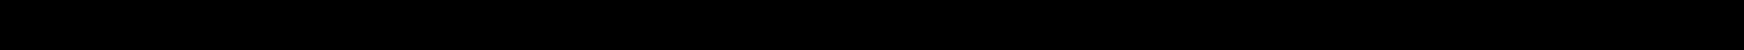 NeutrafaceSlabTextPro-Bold.otf